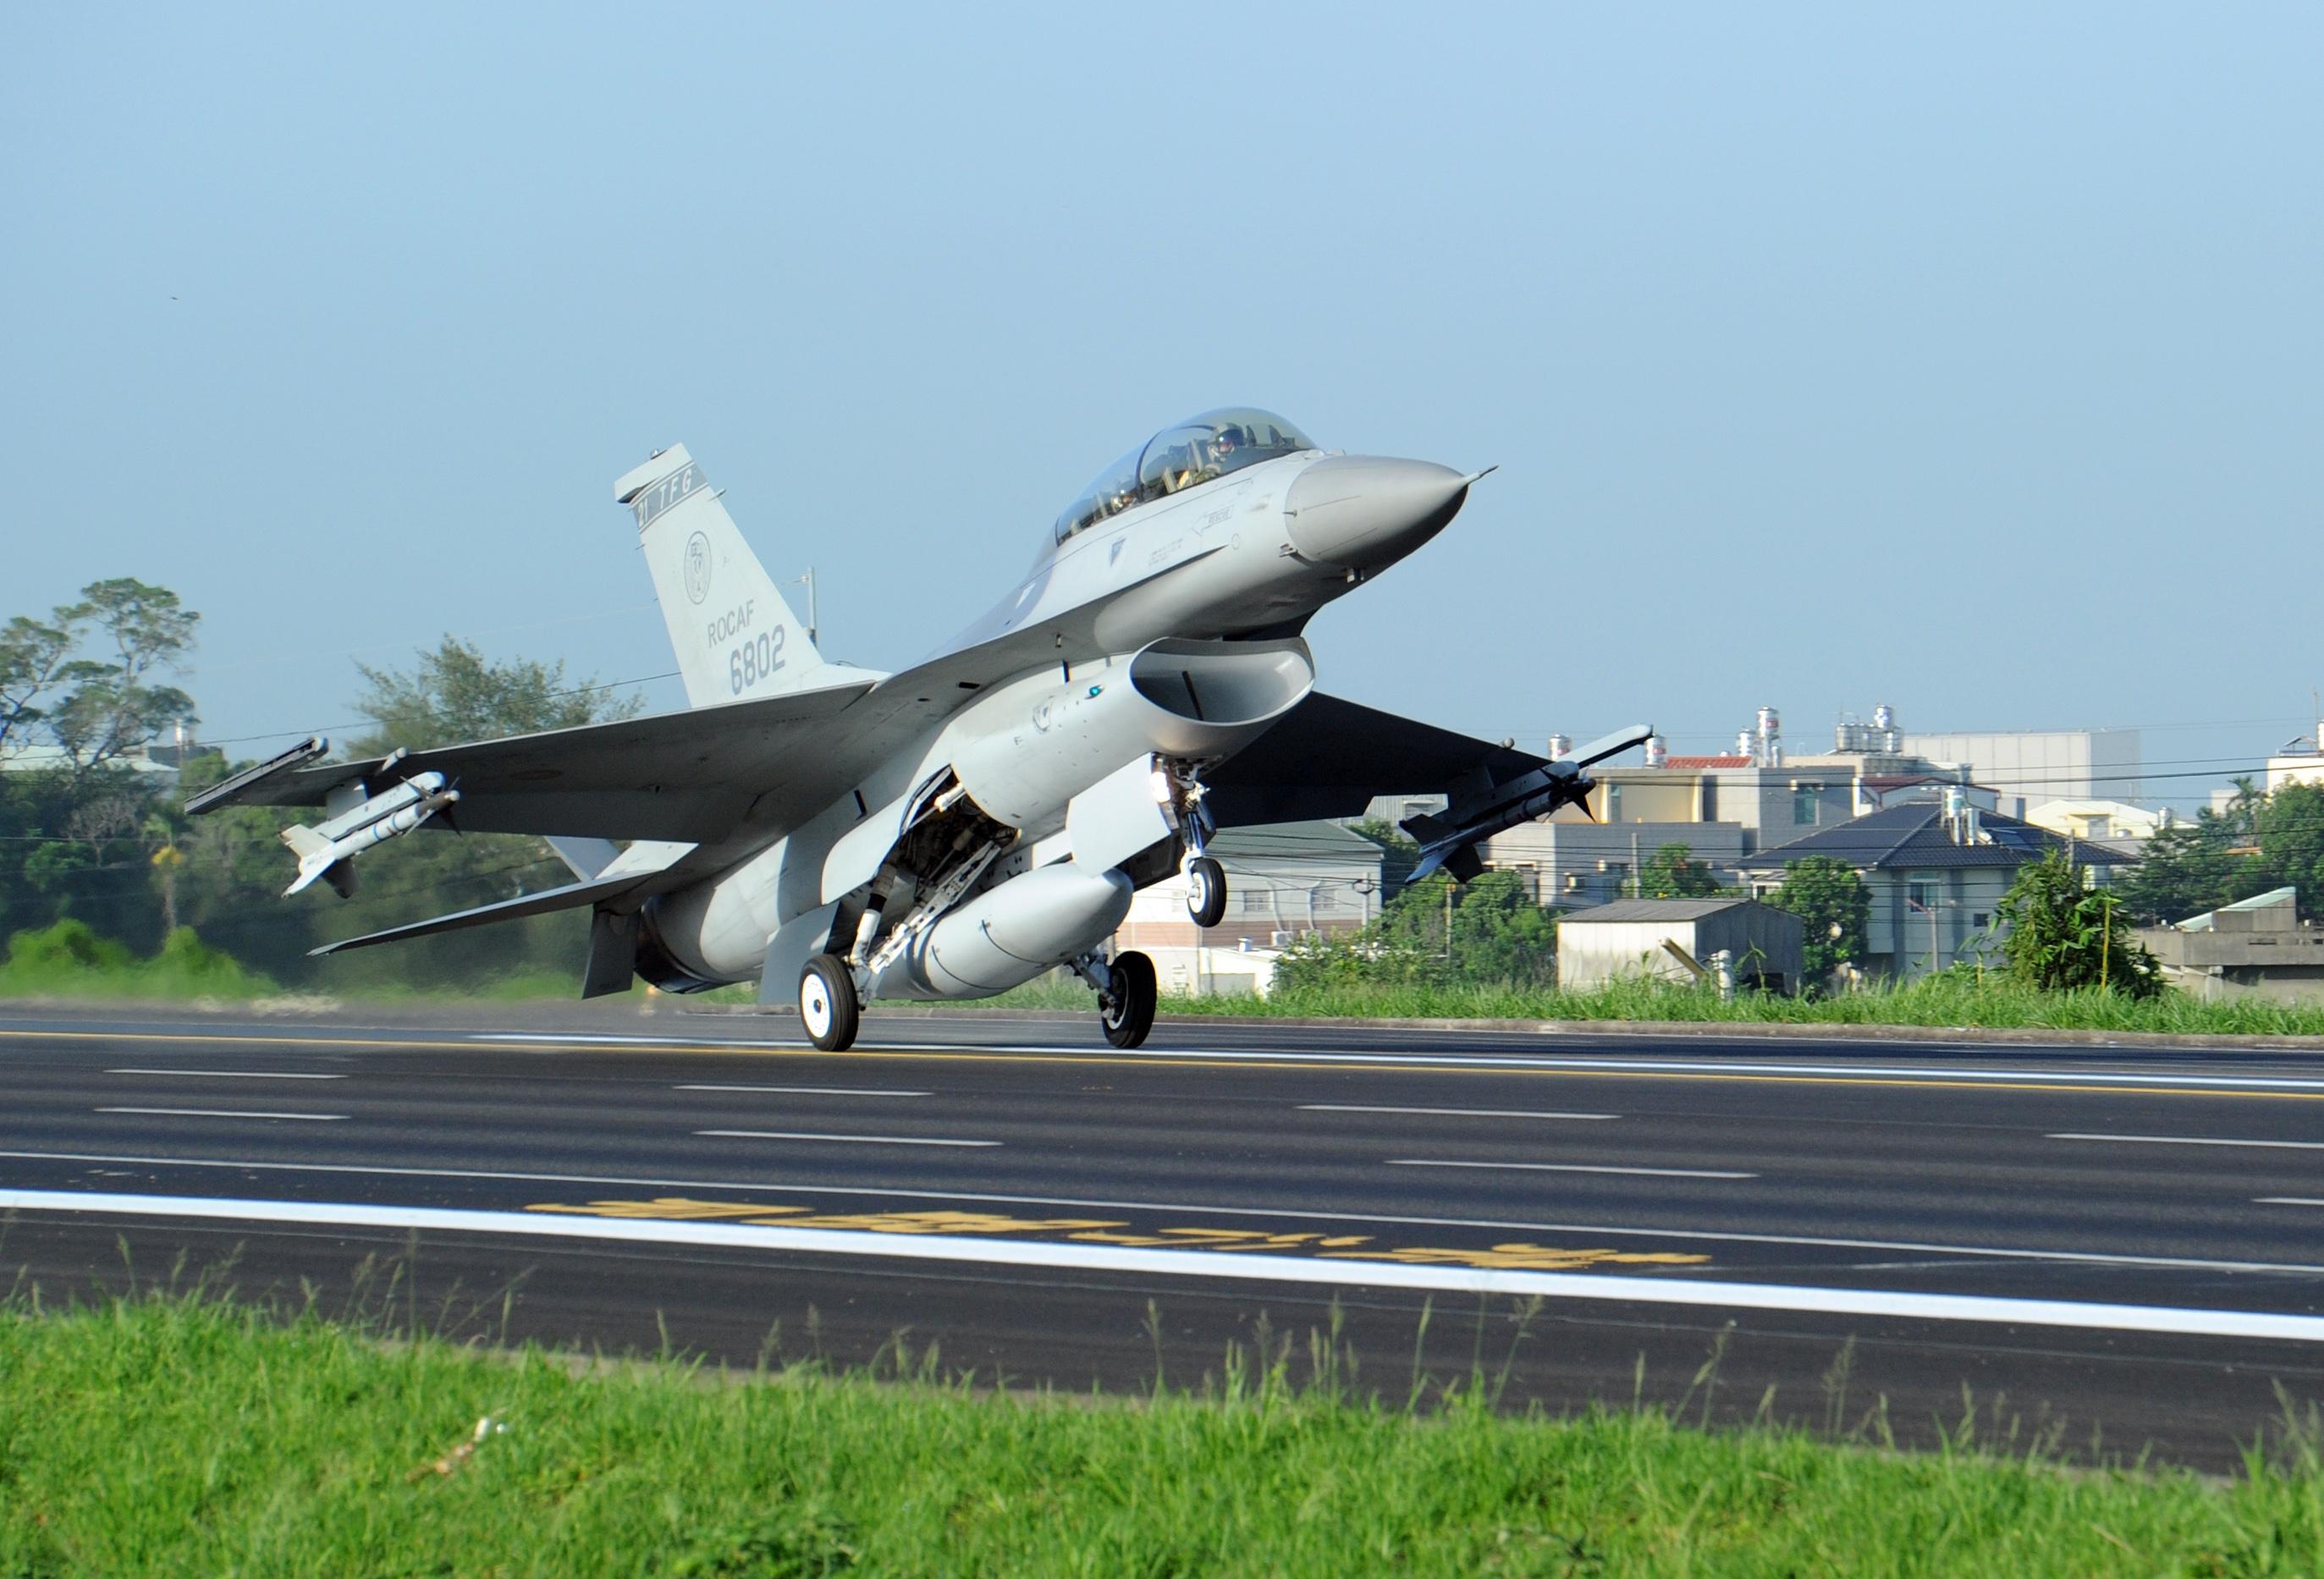 美批准對台軍售 提供F-16培訓及後勤